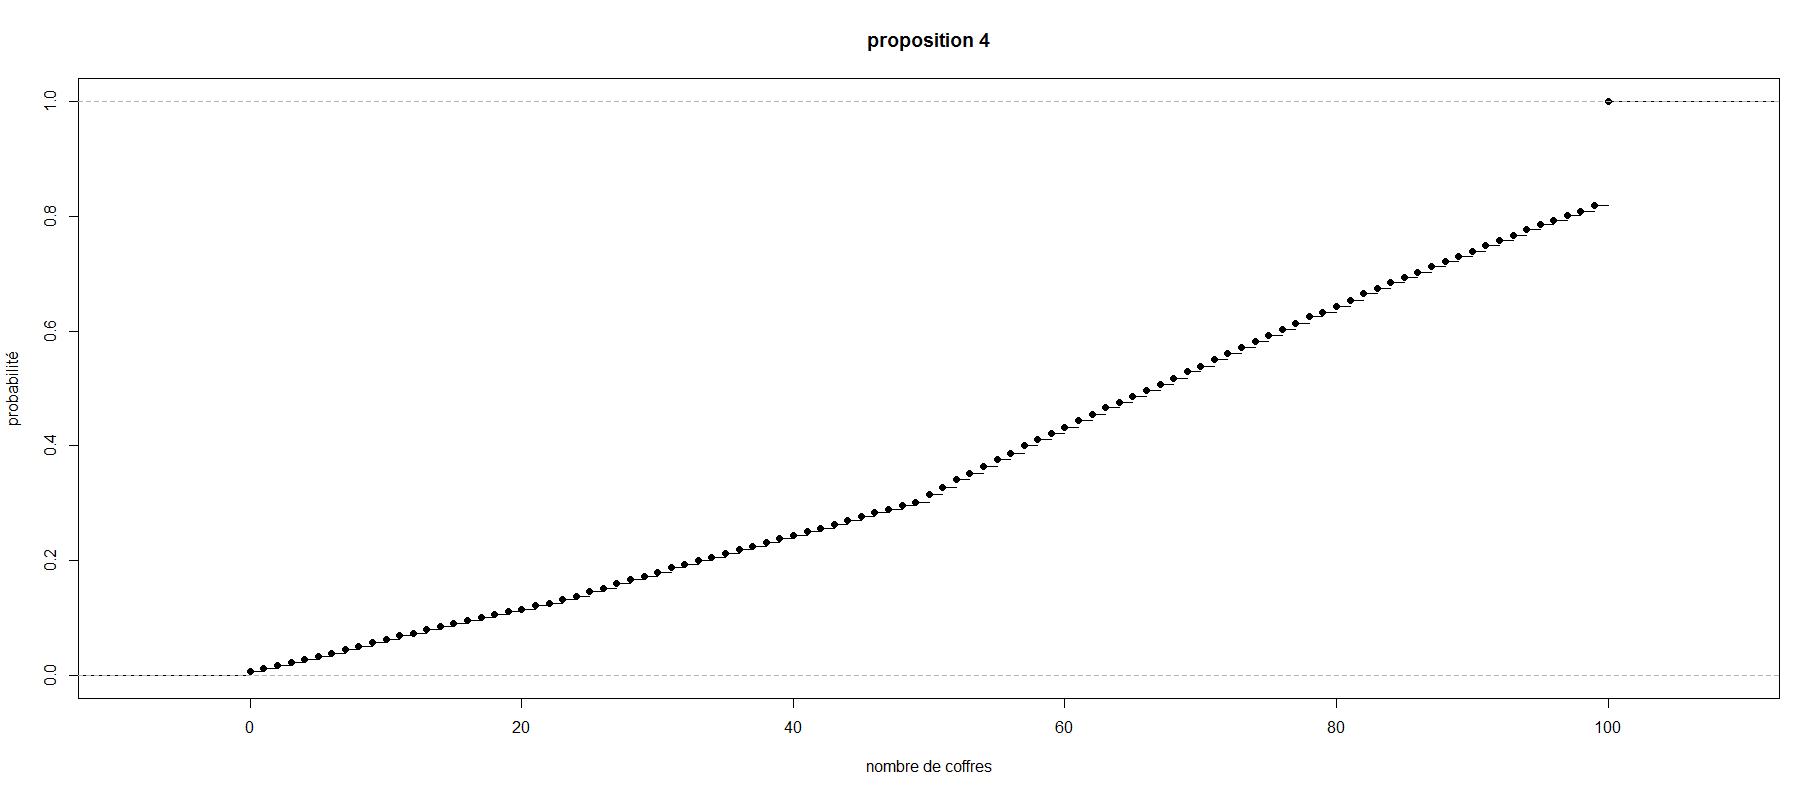 proposition4